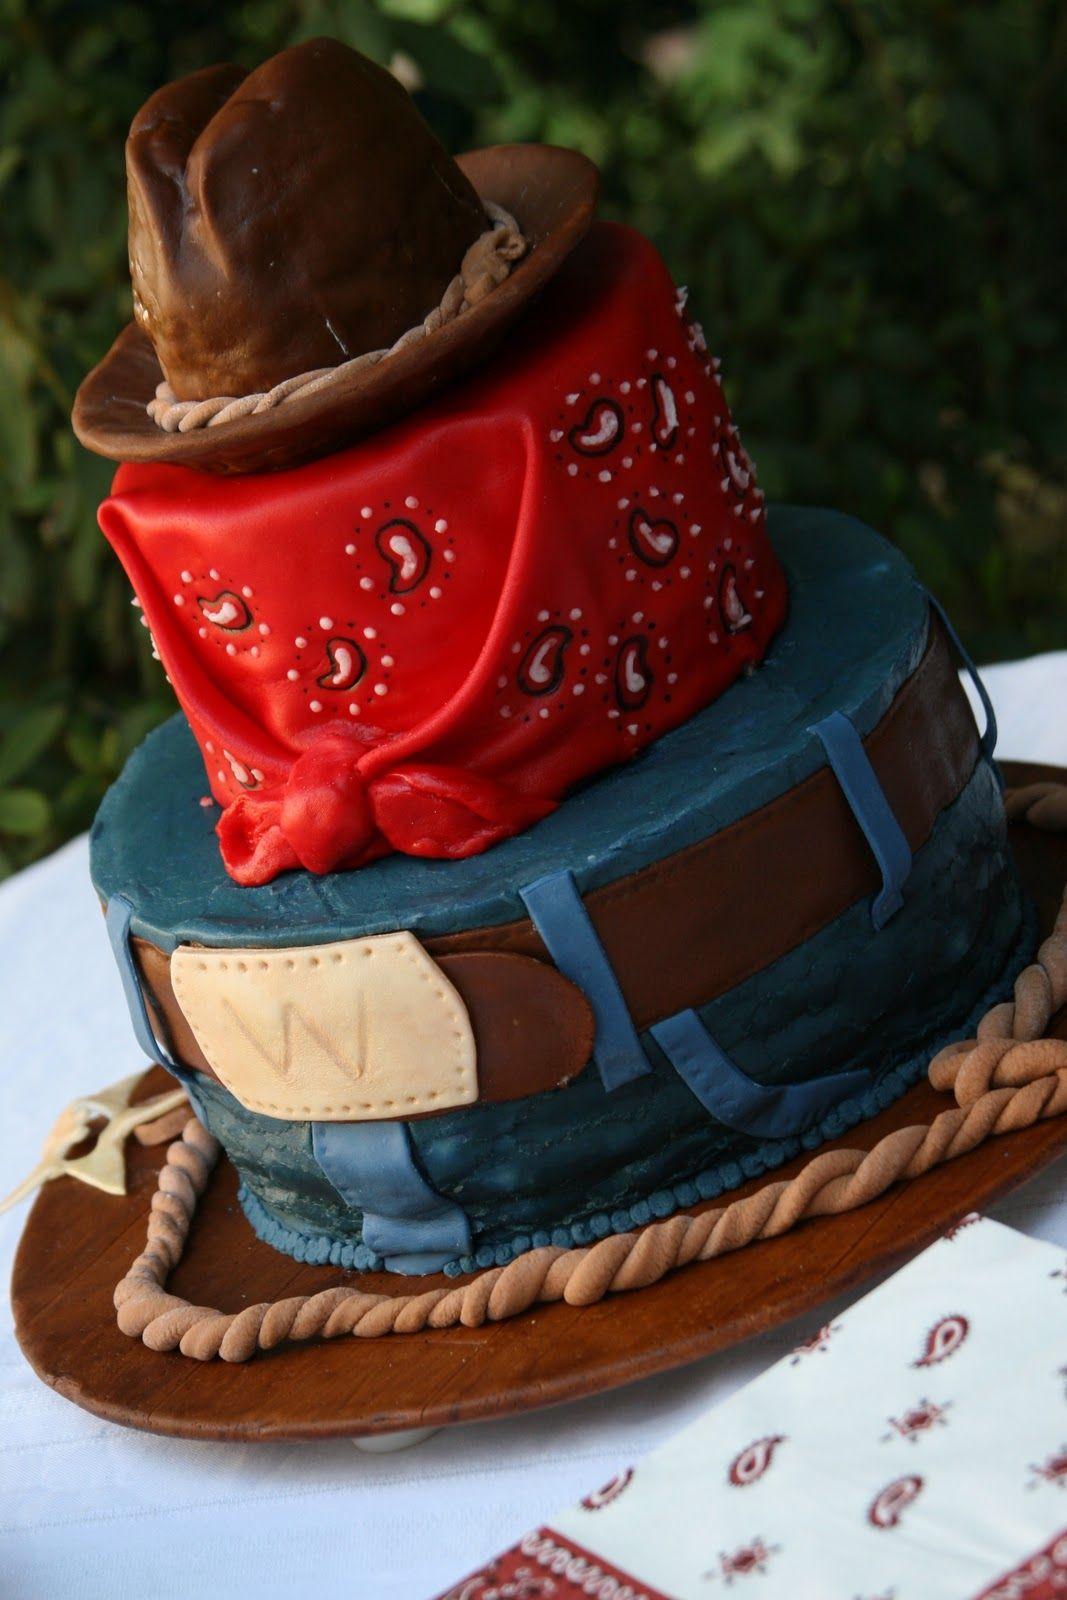 Groovy Cowboy Birthday Cake With Images Cowboy Birthday Cakes Cowboy Funny Birthday Cards Online Alyptdamsfinfo